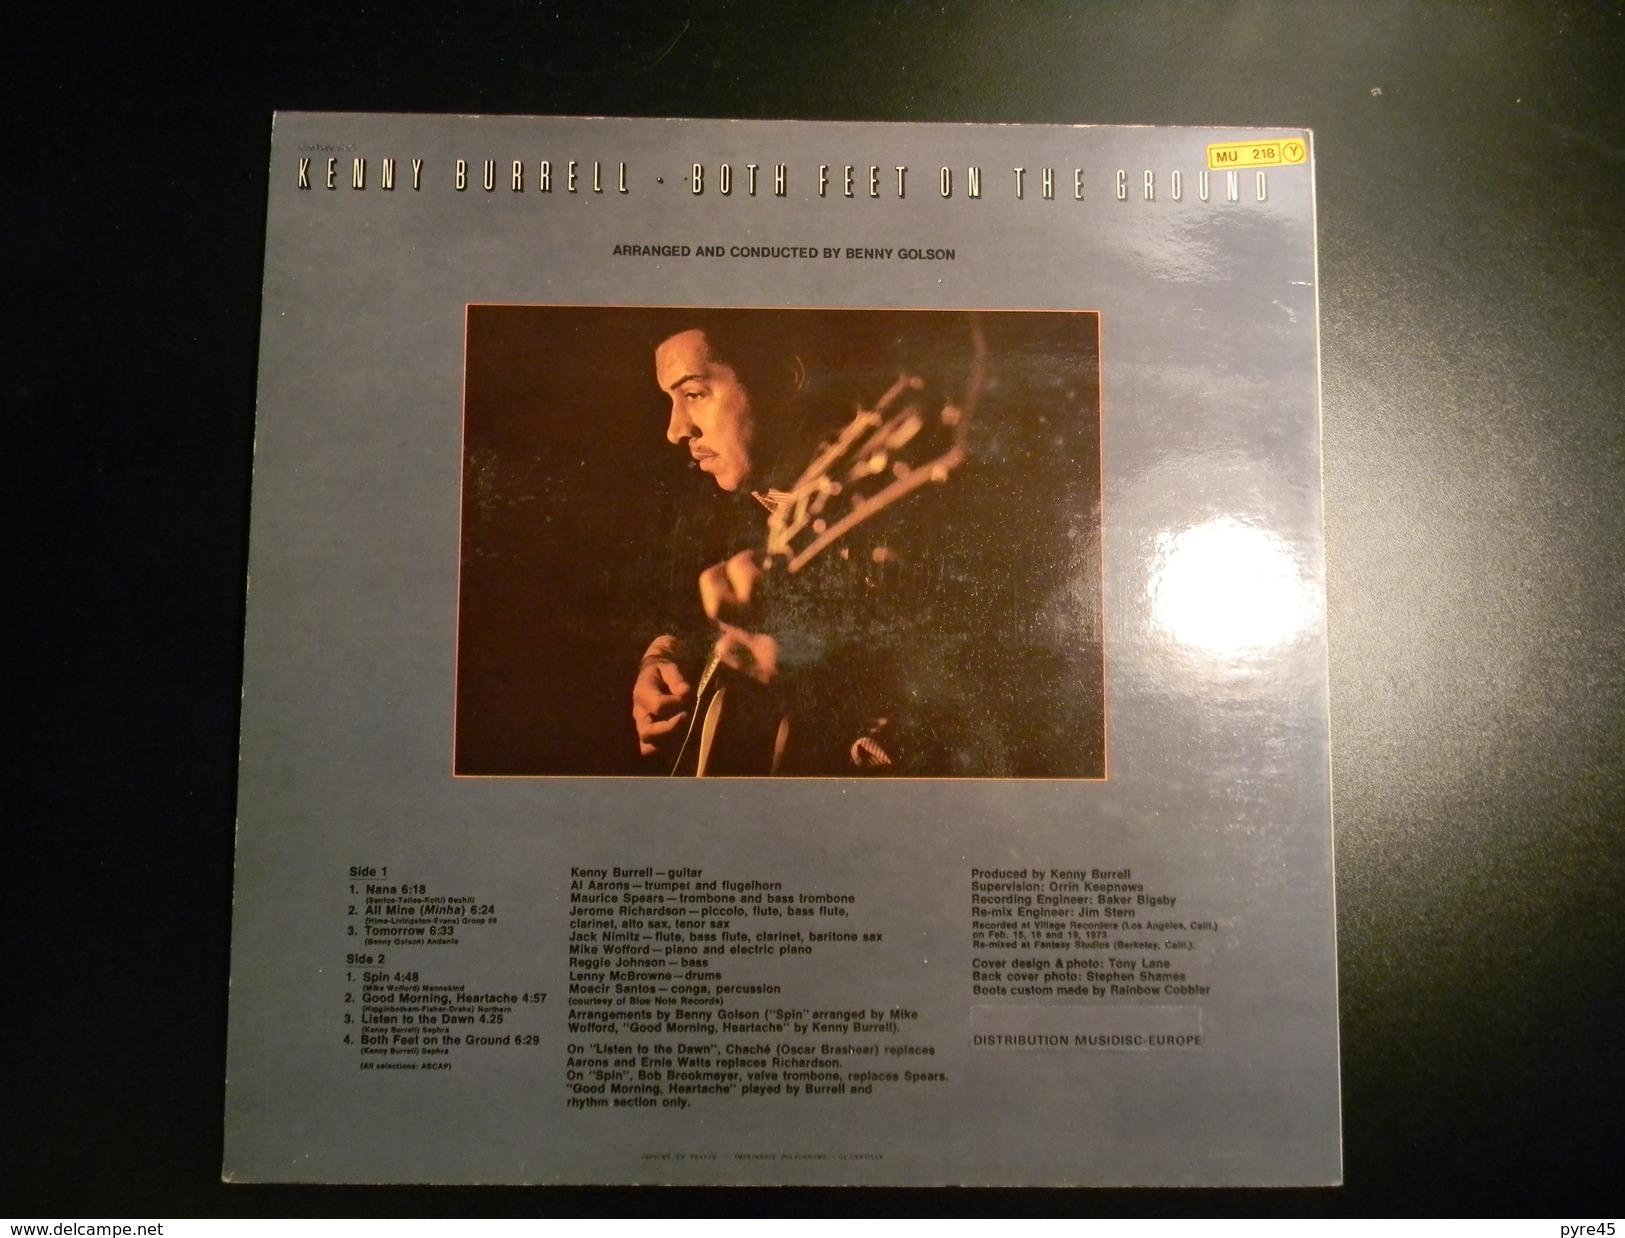 33 TOURS KENNY BURRELL BOTH FEET ON THE GROUND MUSIDISC 6006 NANA / ALL MINE / TOMORROW / SPIN / + 3 - Vinyl-Schallplatten